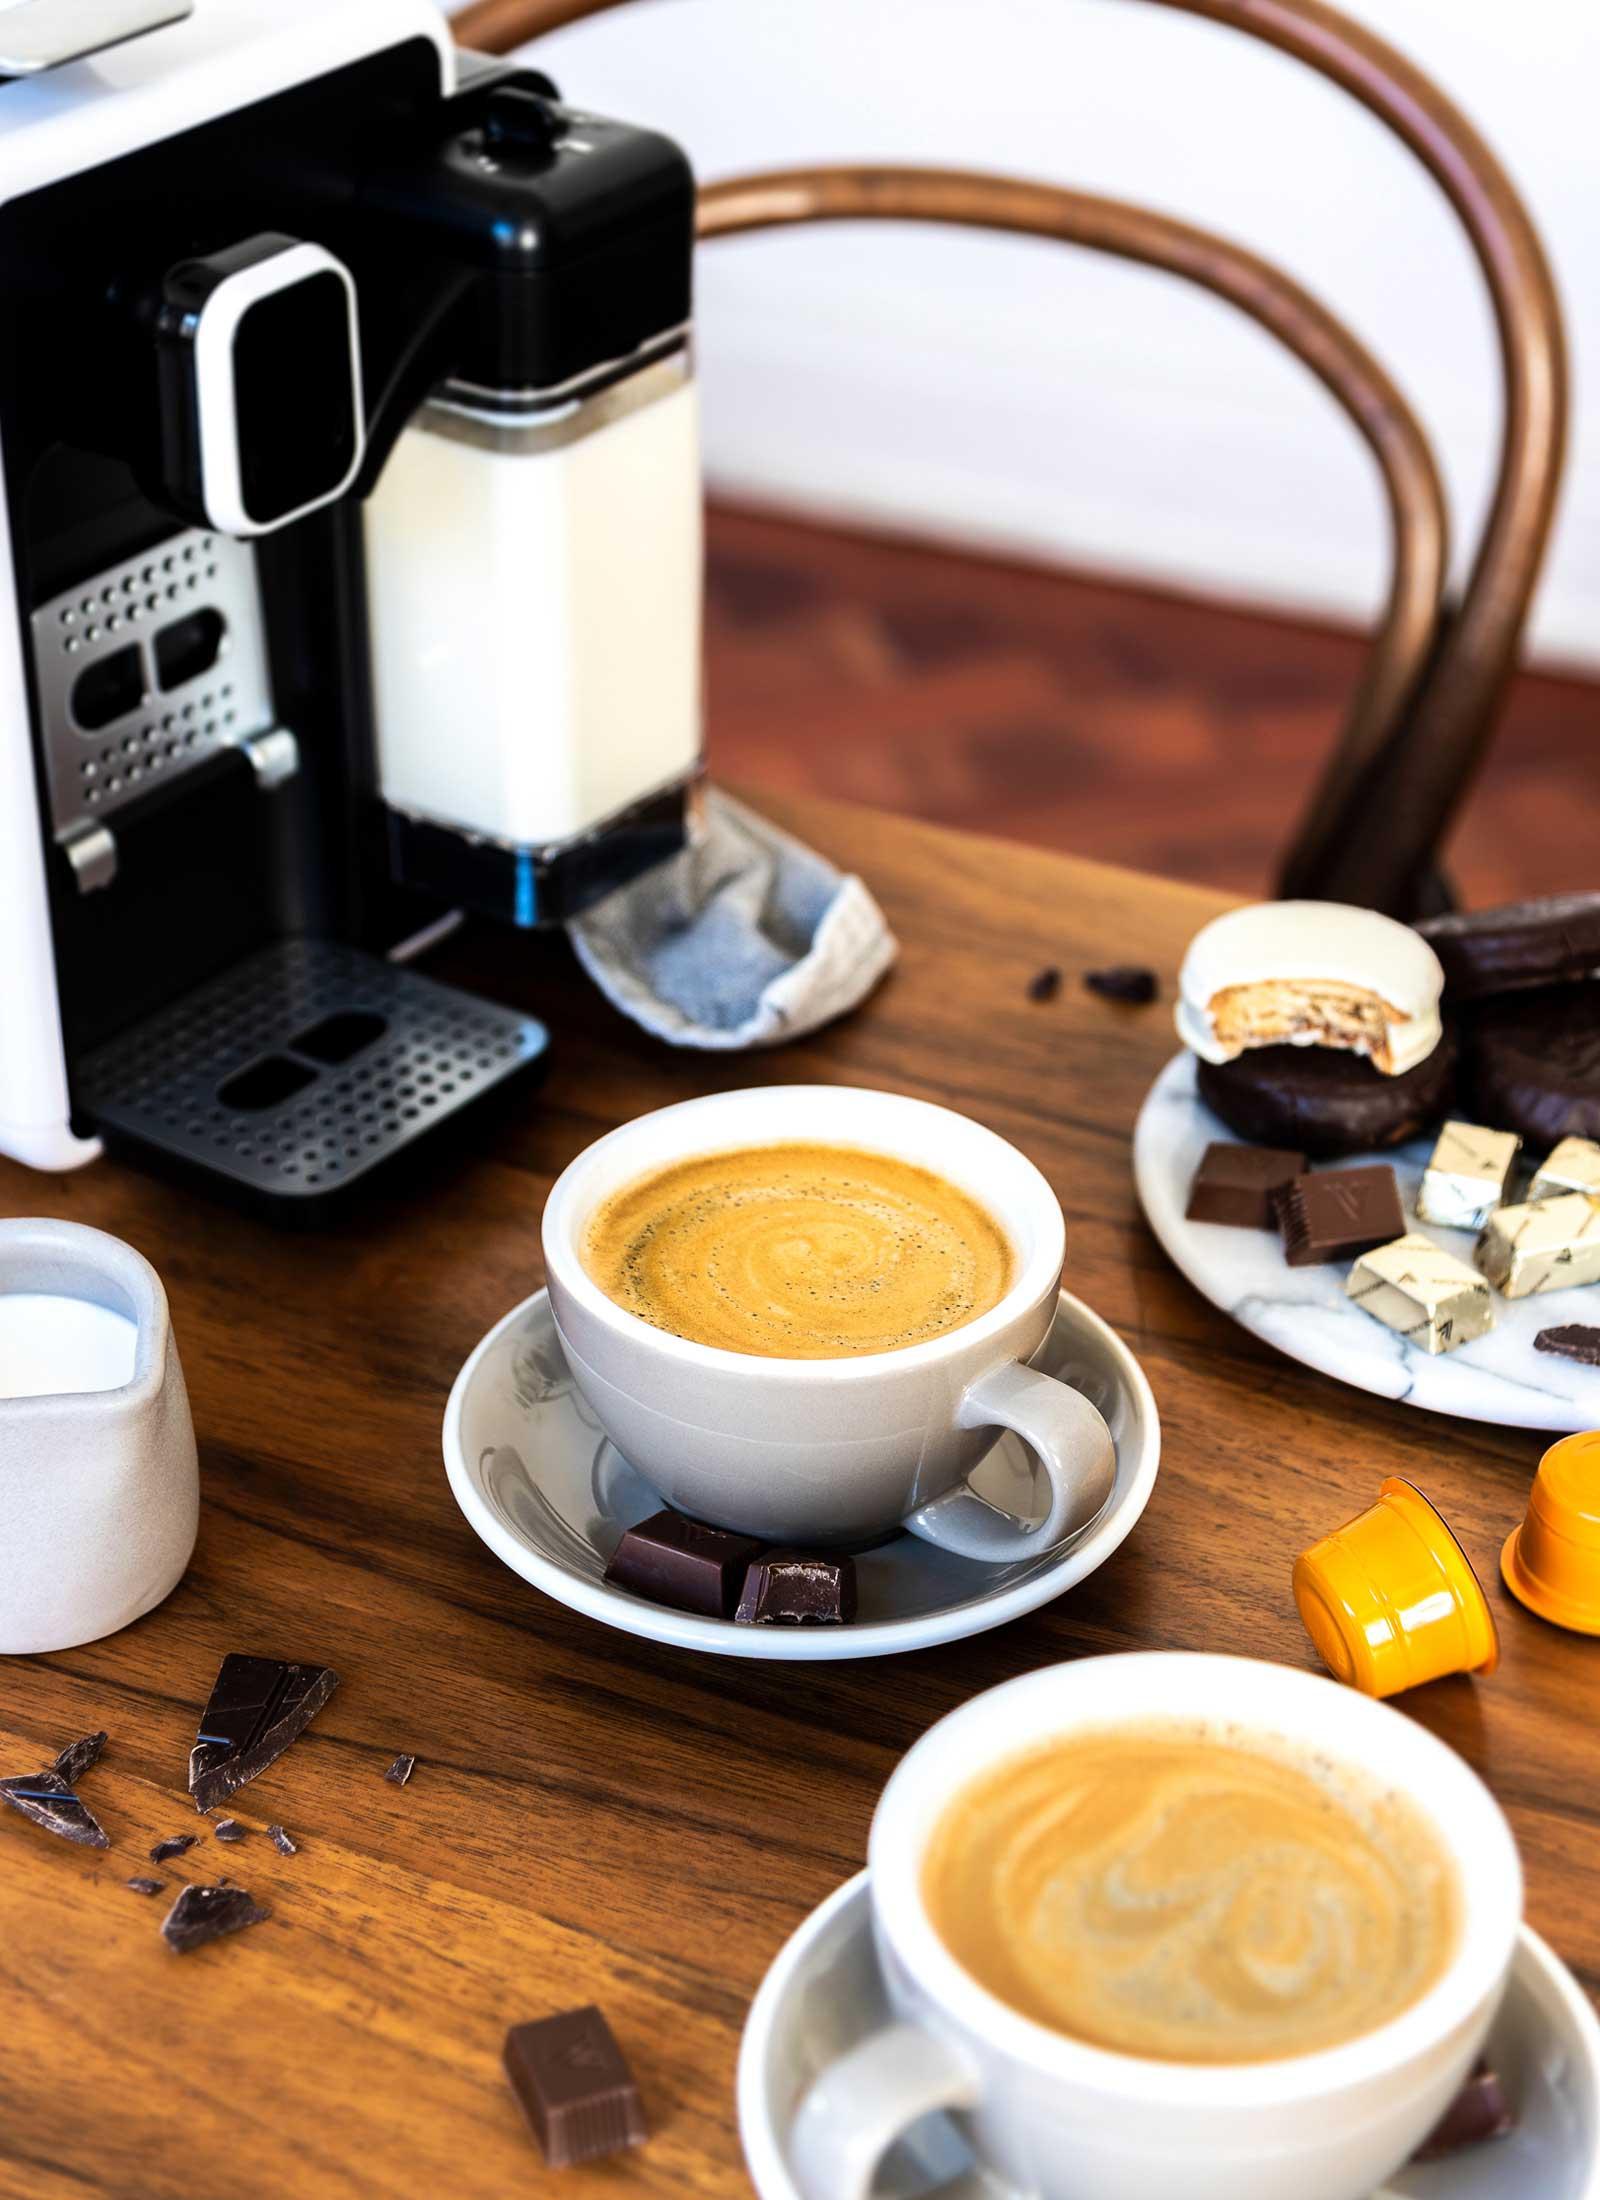 cafeteras-cafe-cortado-varsovienne-estudio-como